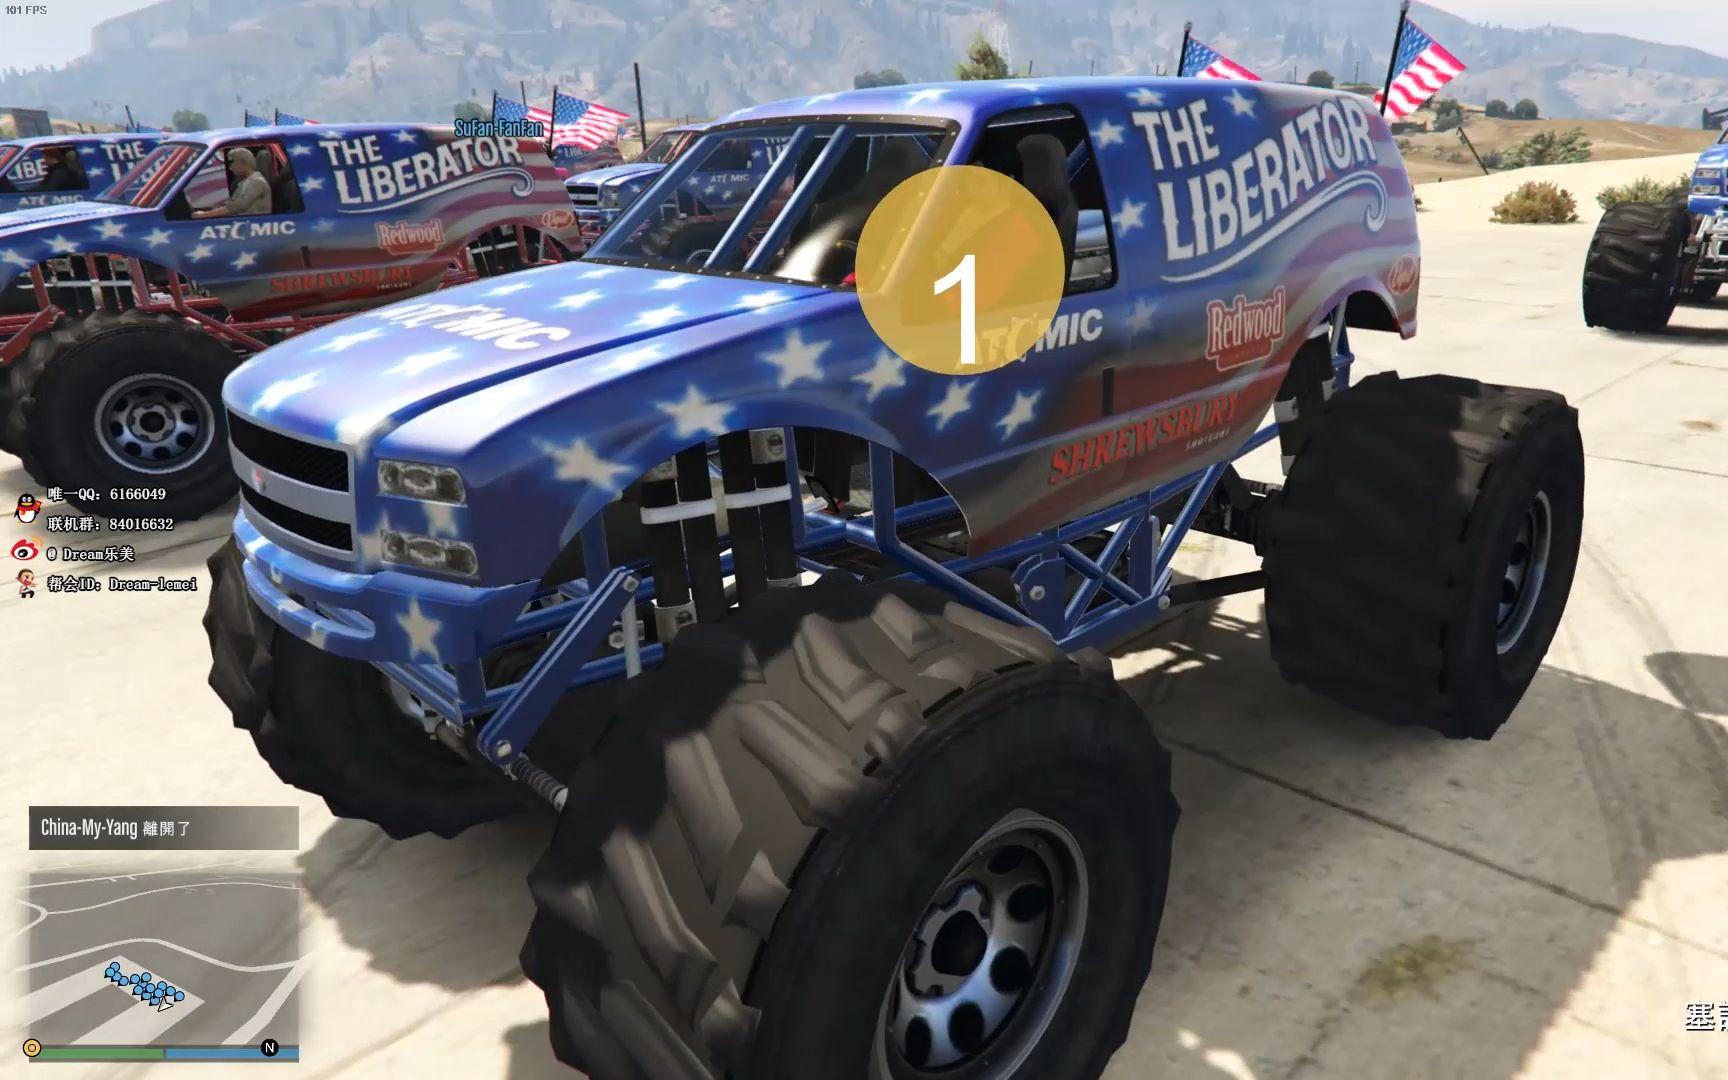 GTA5:樂美解說 四驅大腳車越野 緣分點求放過_單機游戲_游戲_bilibili_嗶哩嗶哩